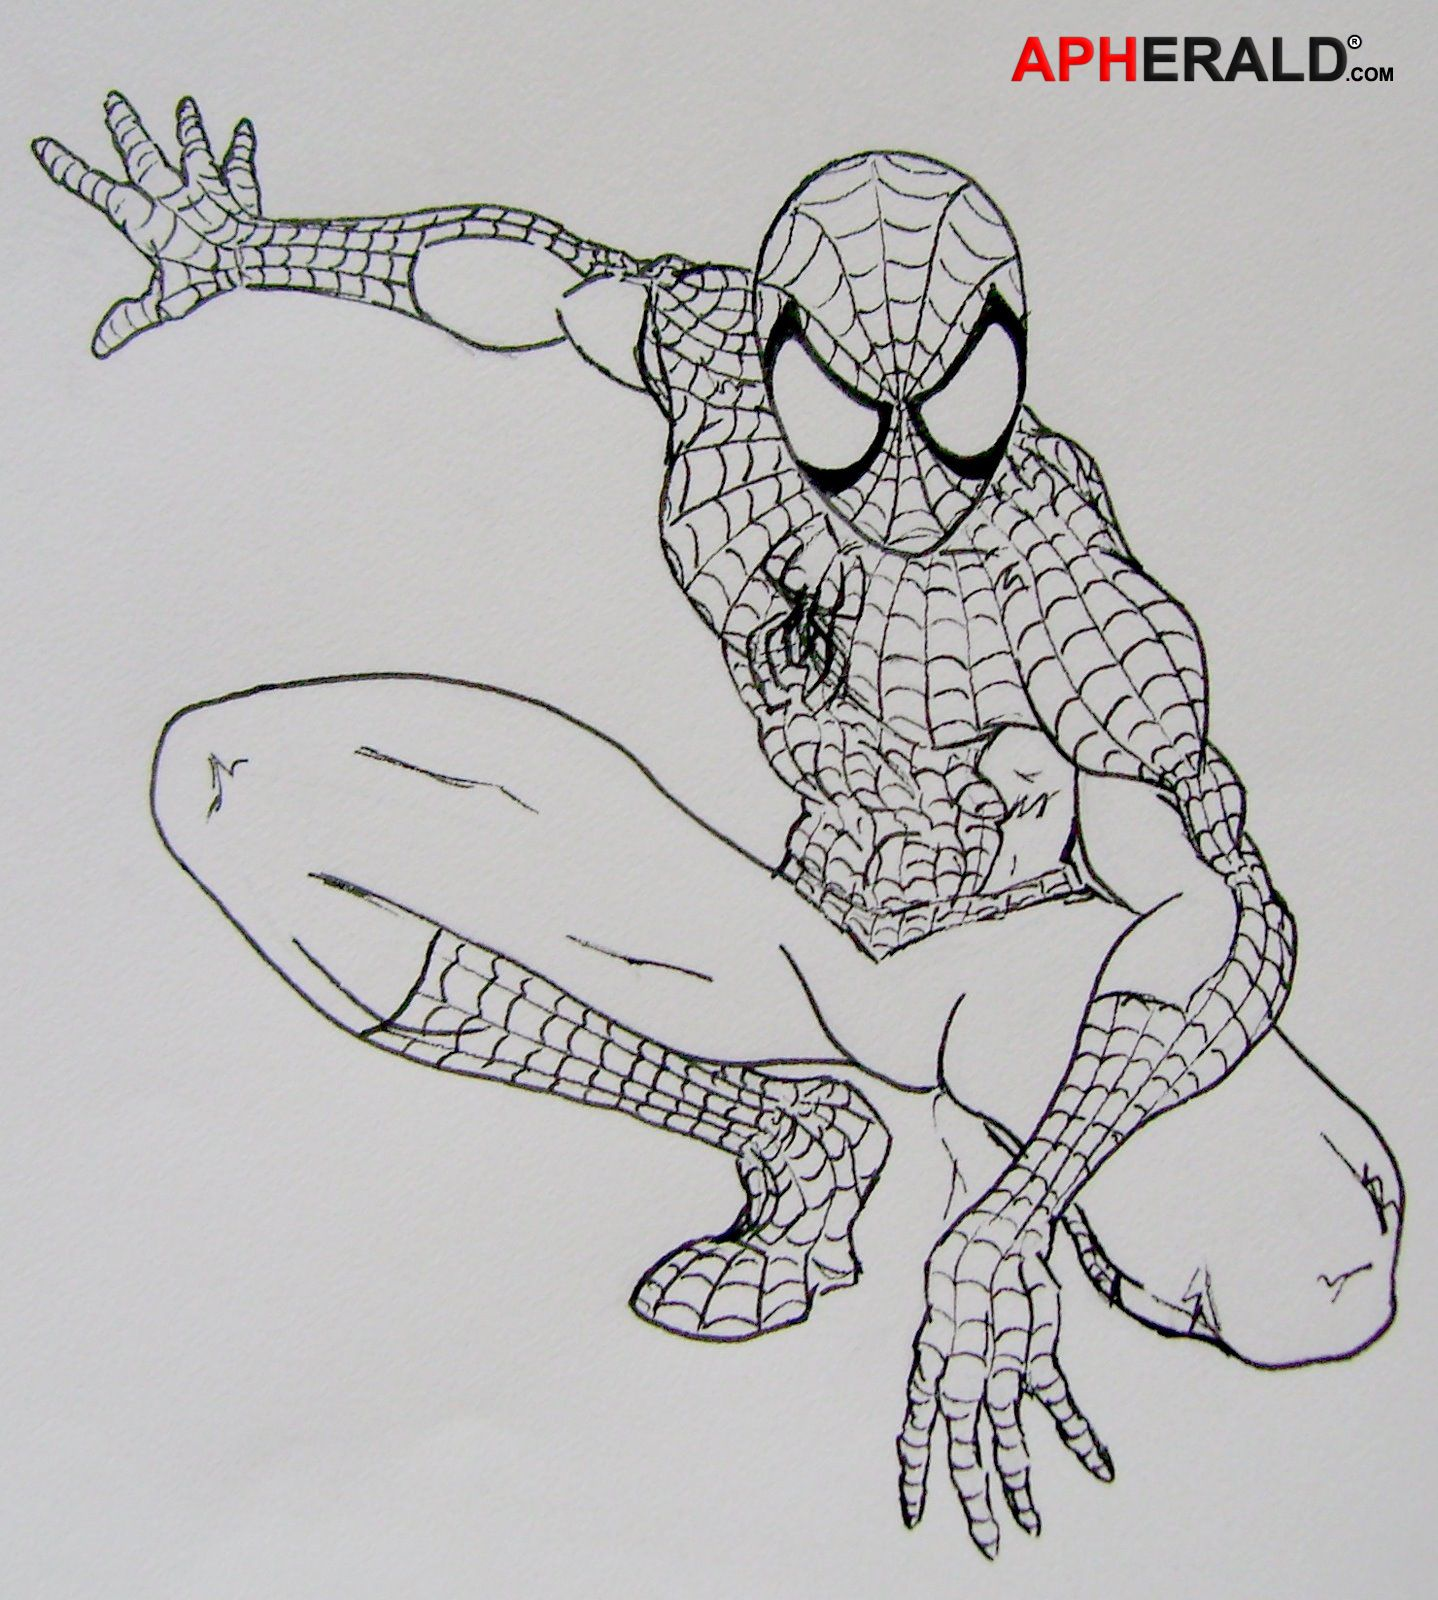 занимают легкие рисунки человека паука карандашом управлением мвд смоленской